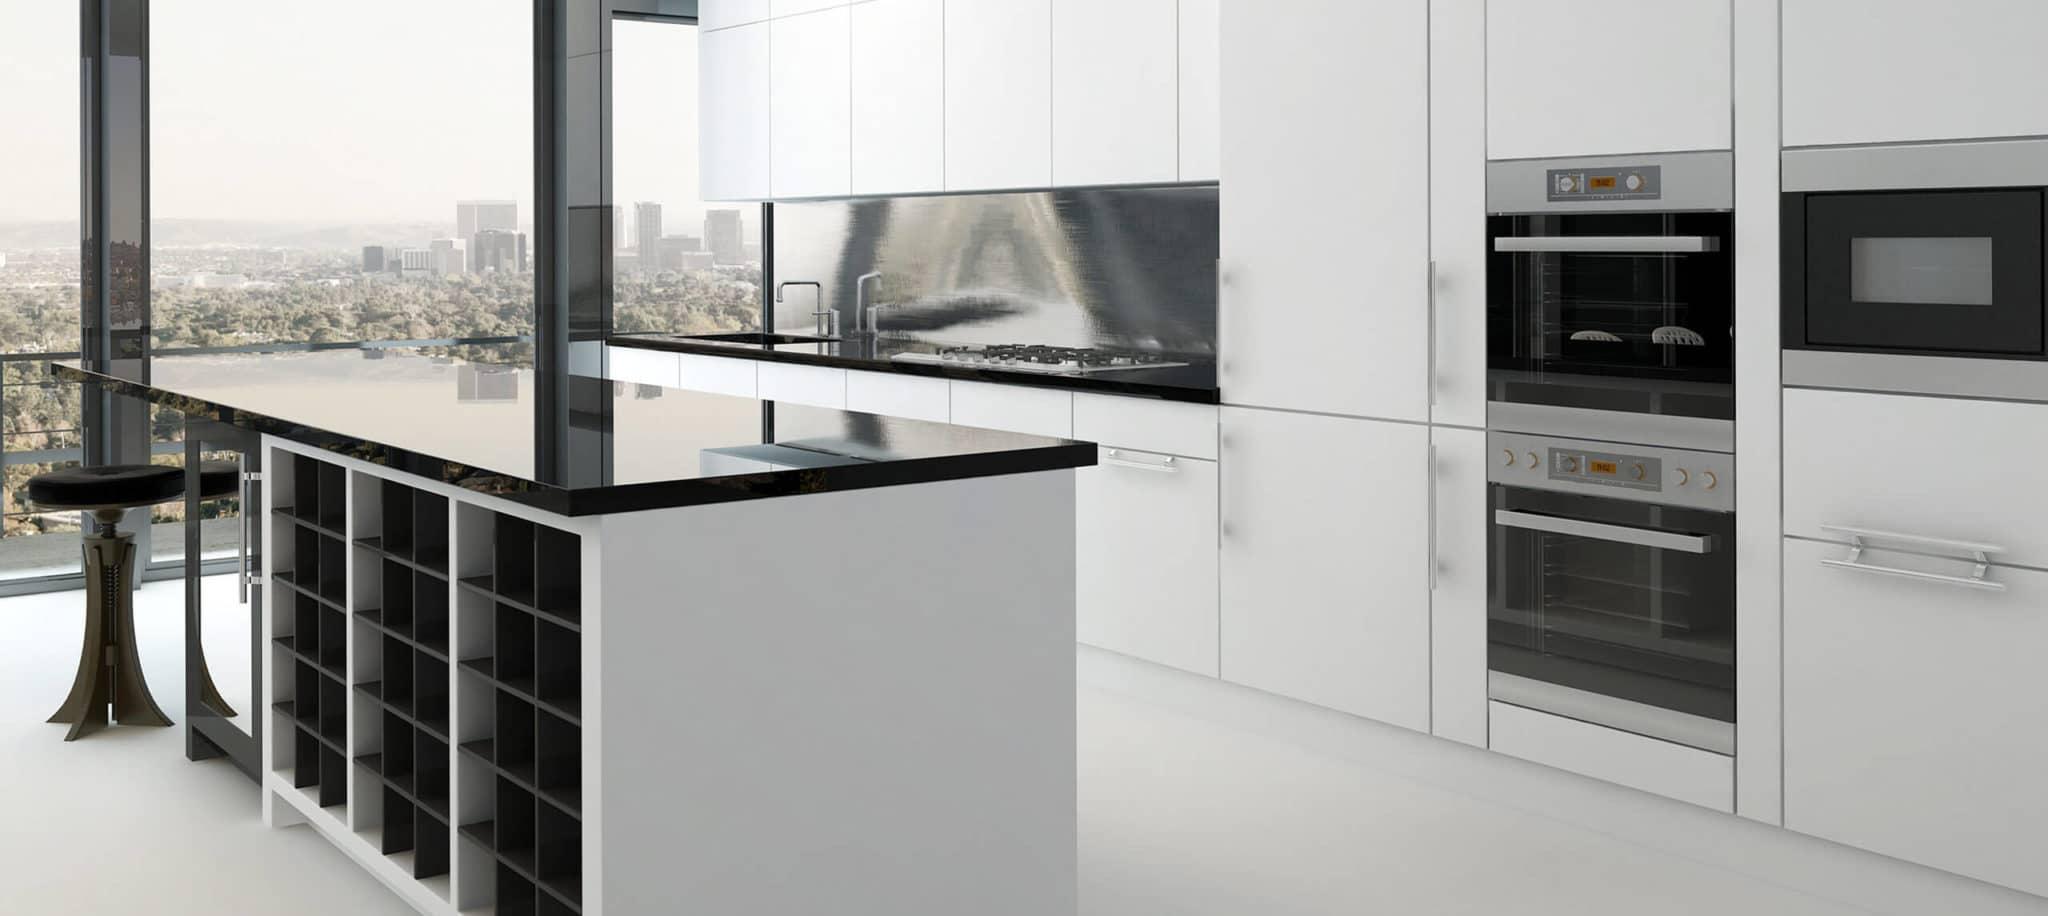 Tienda de cocinas en madrid grupo coeco for Cocinas muebles de cocina